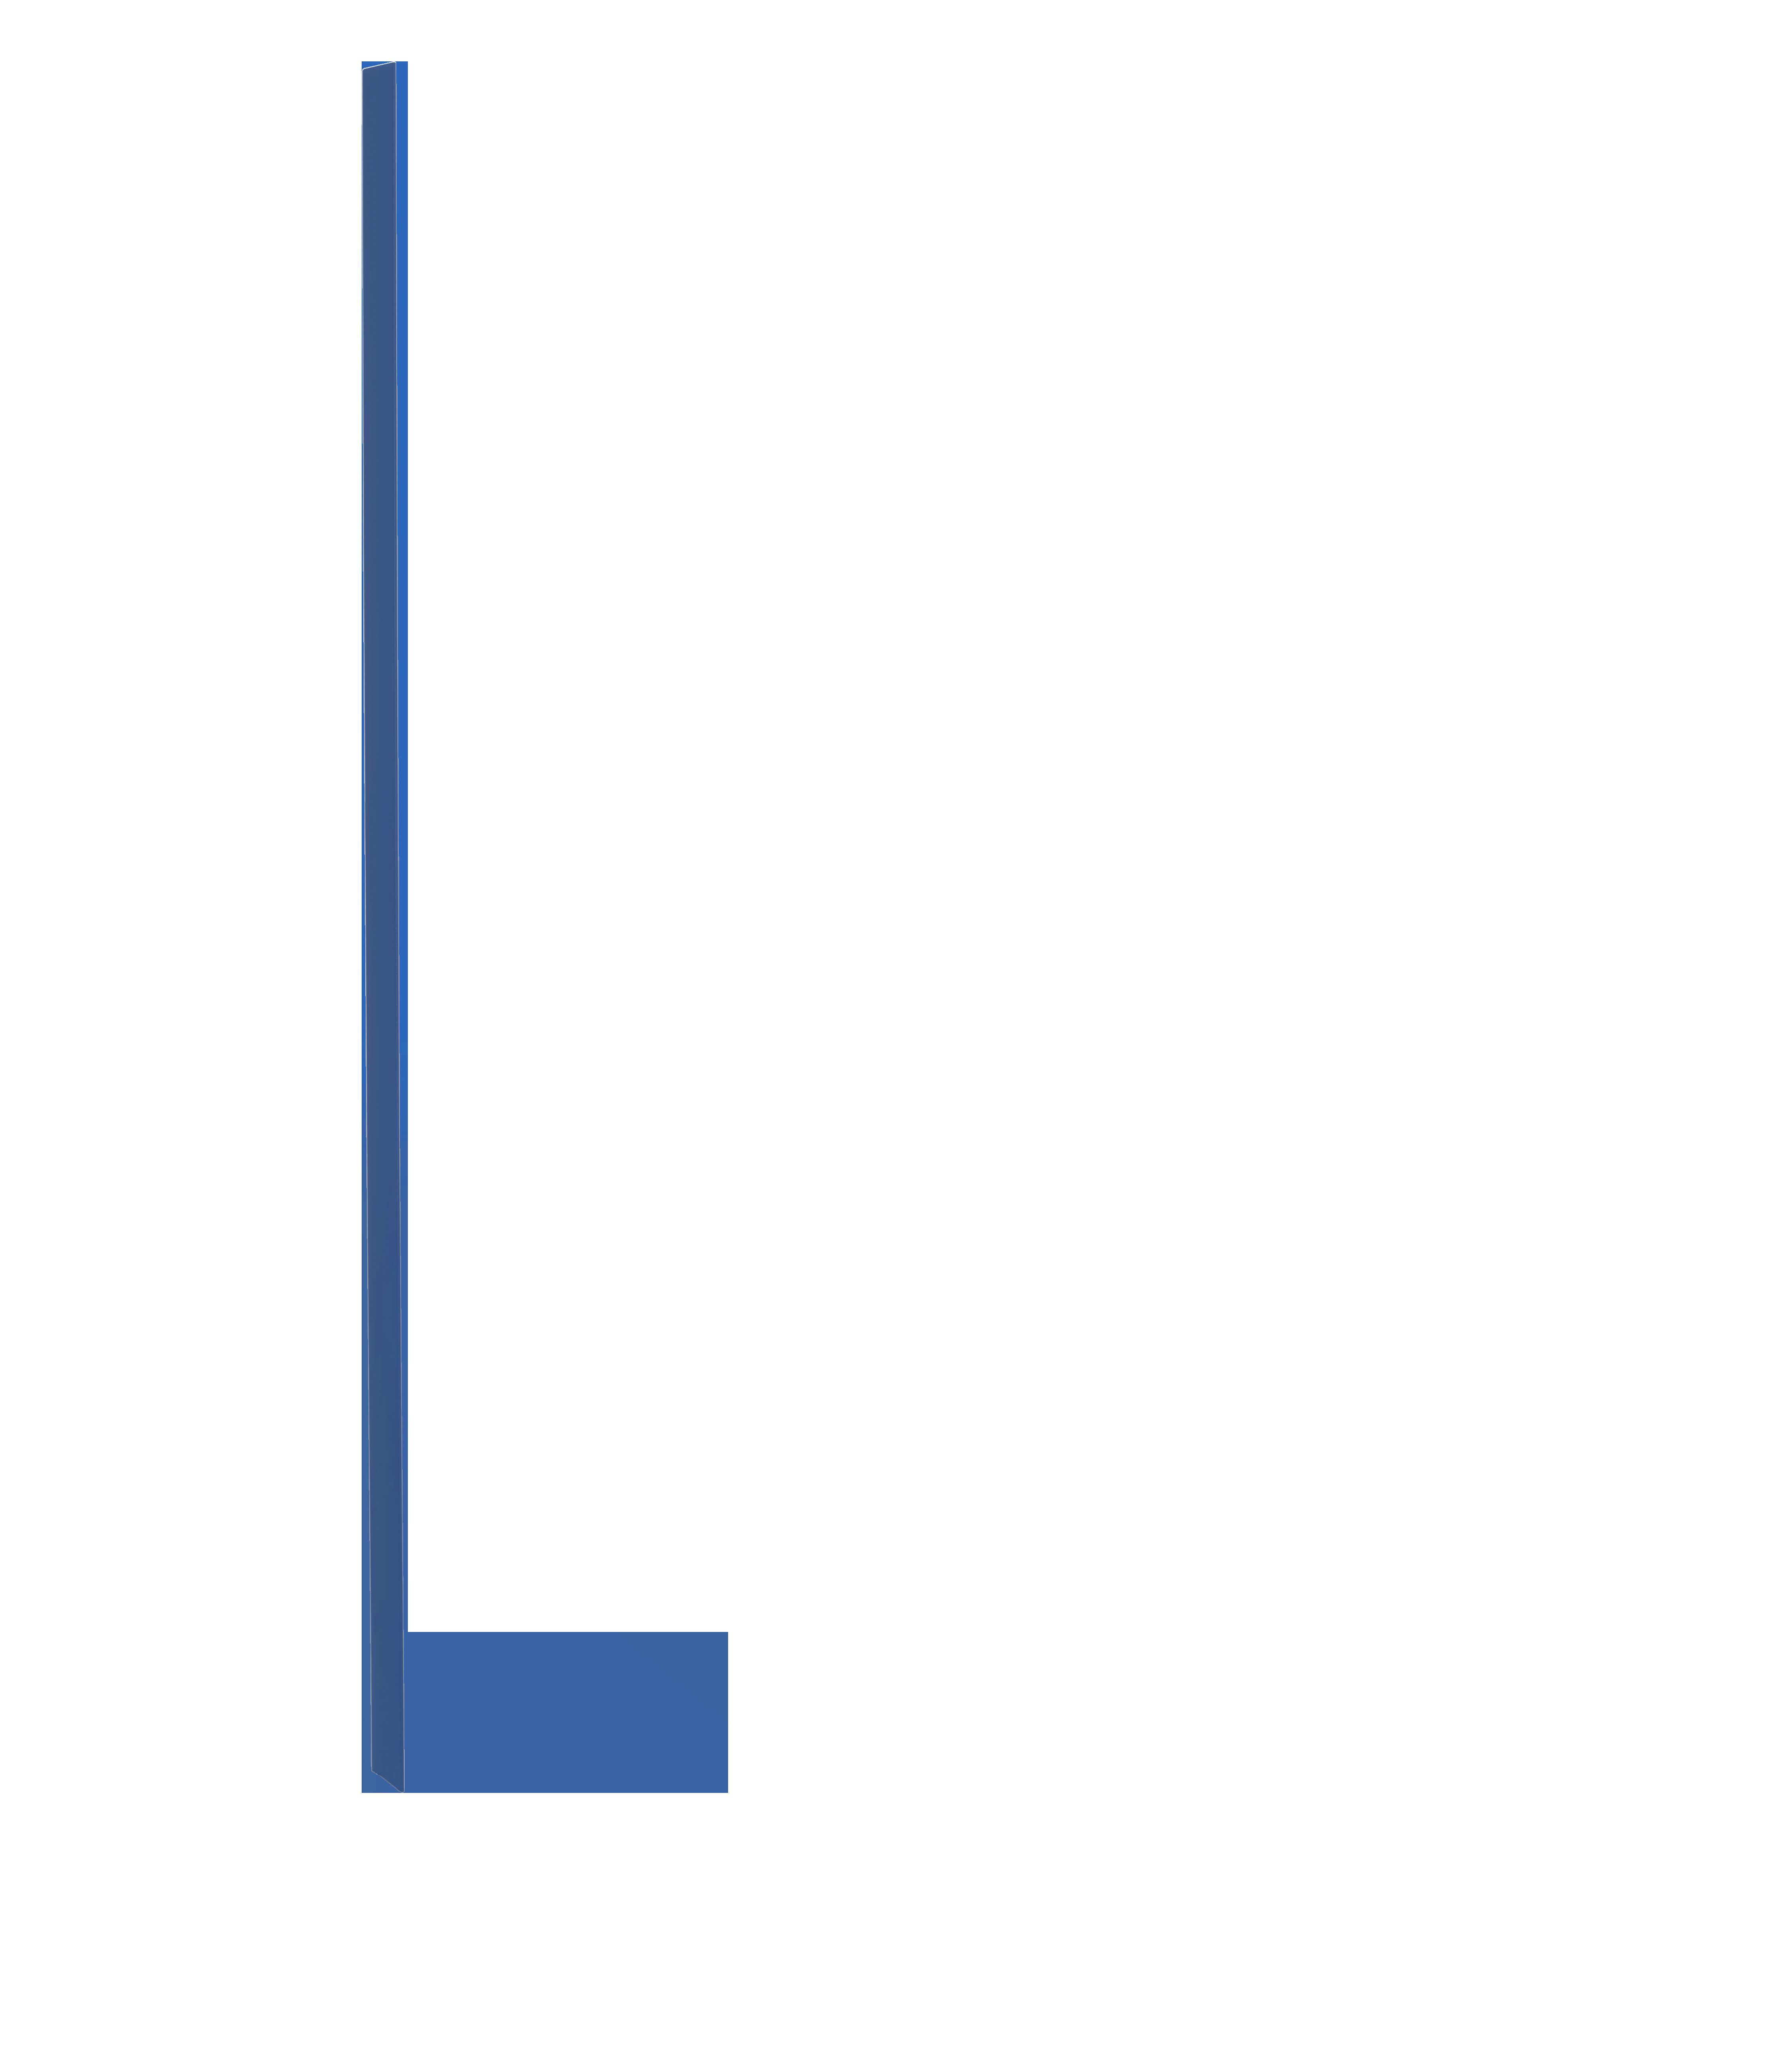 פאנל כחול